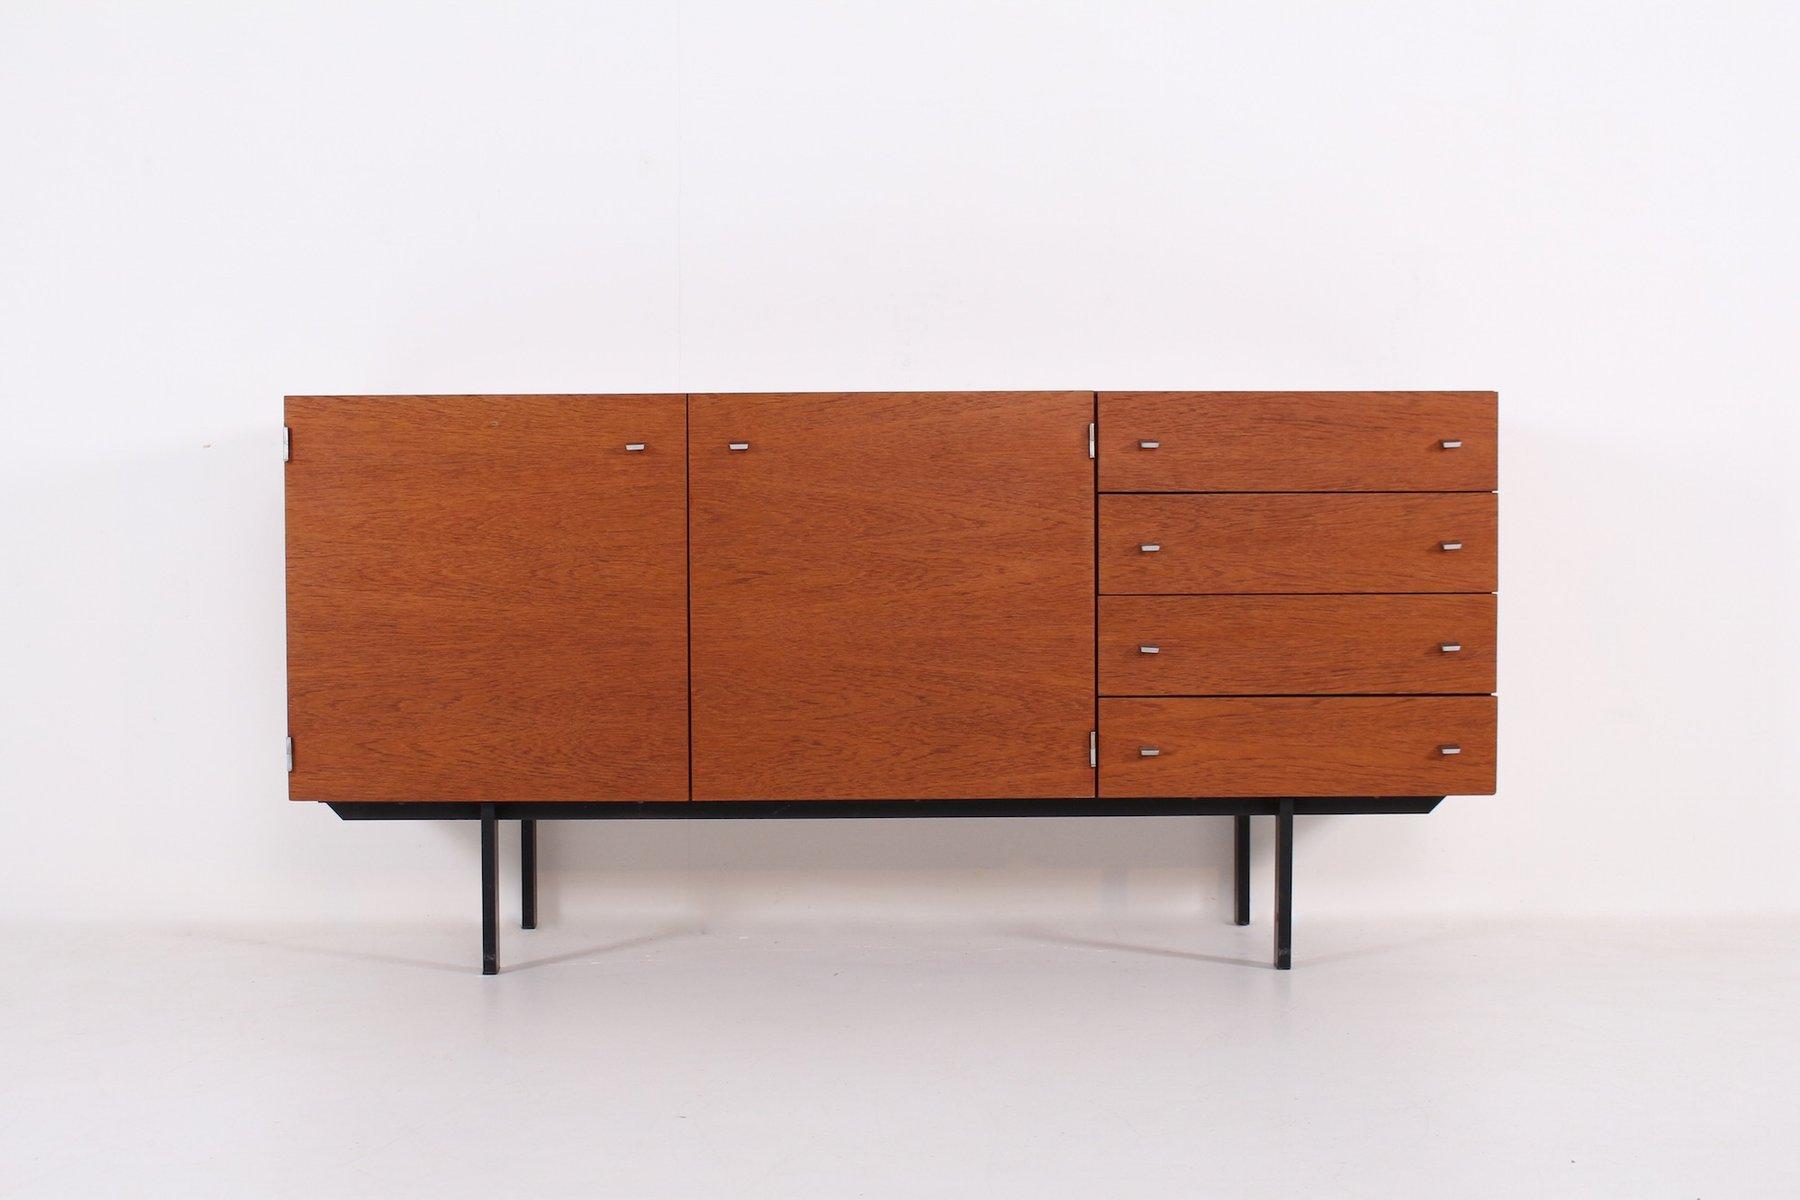 Vintage Sideboard von Pierre Guariche für Meruop, 1962